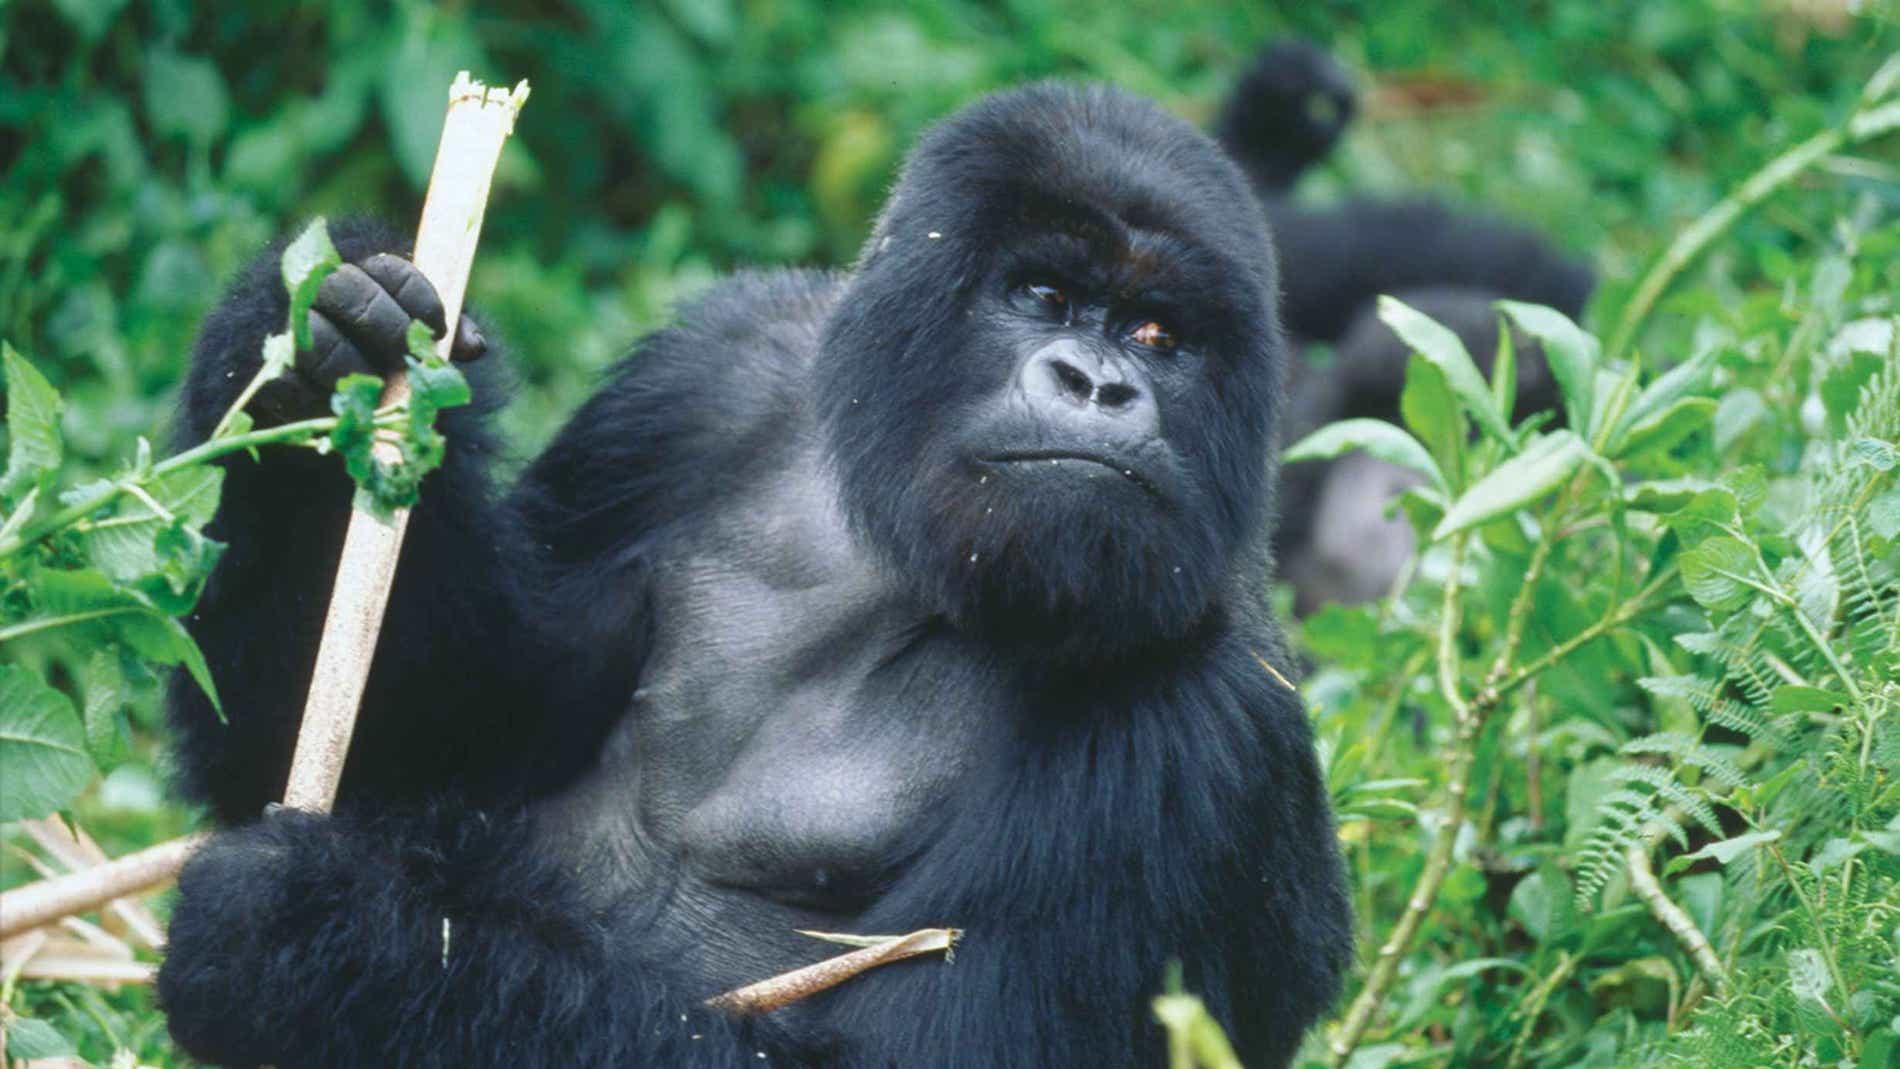 El-origen-de-dos-tipos-de-VIH-esta-en-gorilas-de-Camerun.jpg